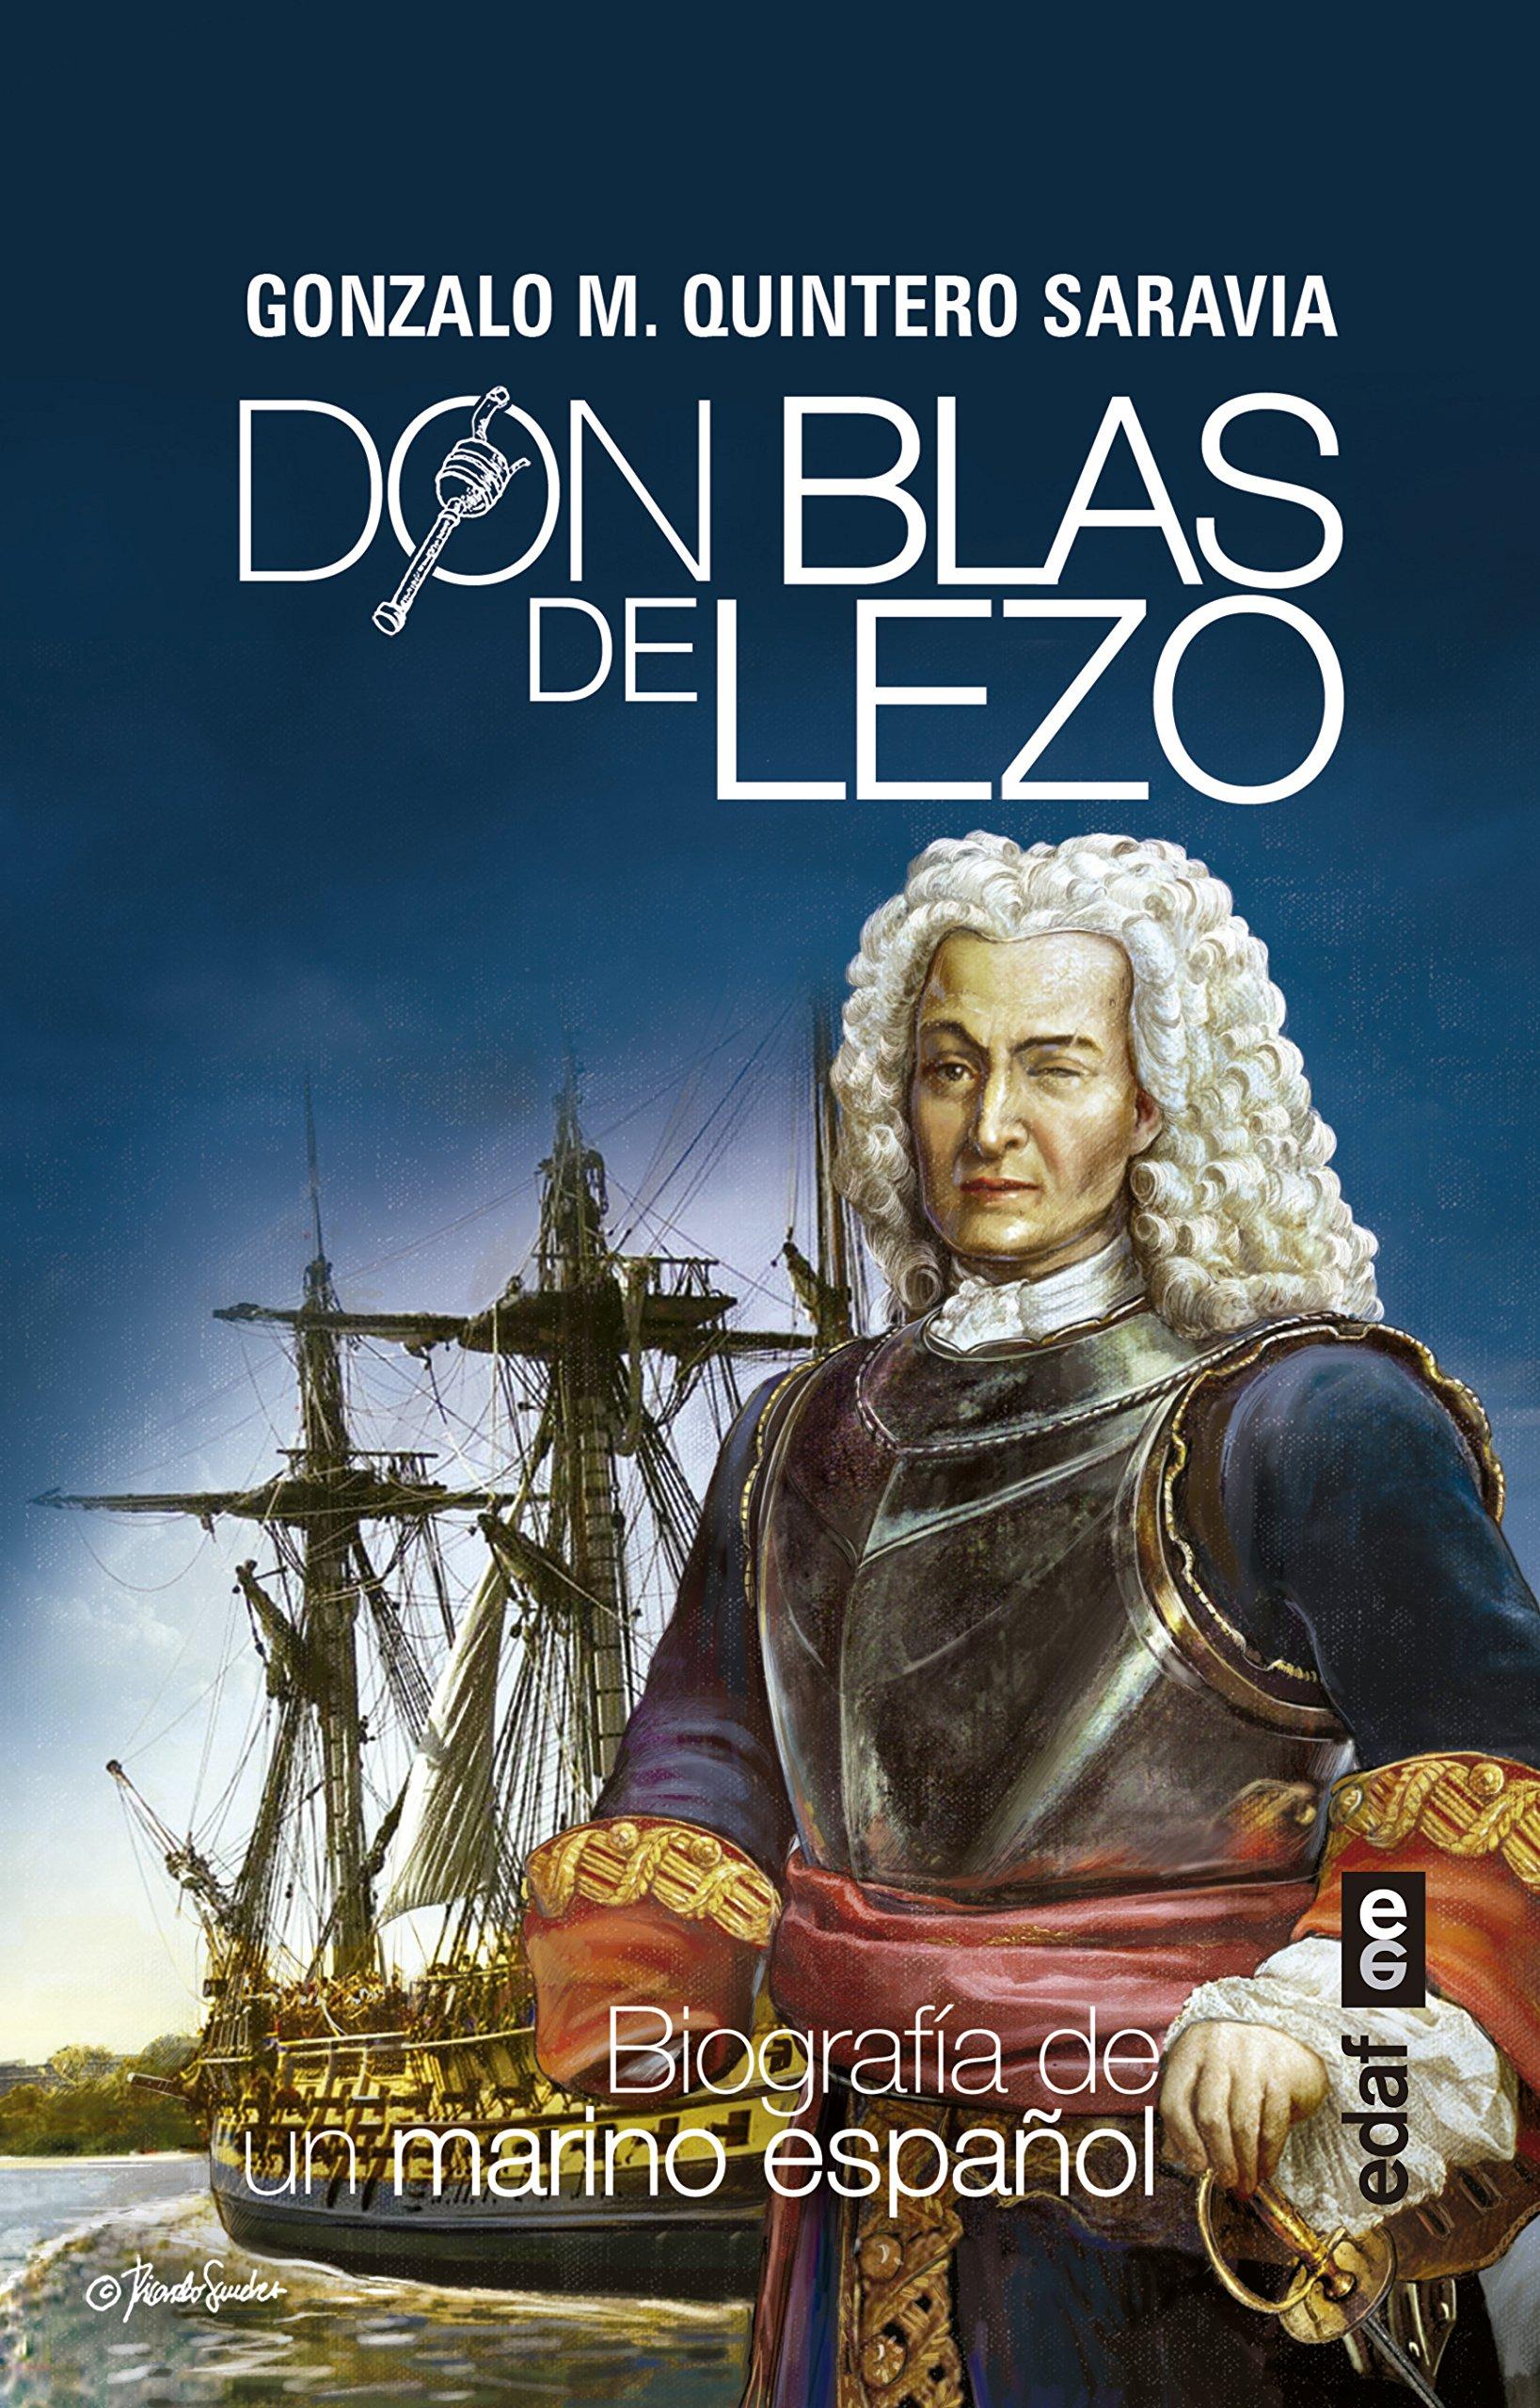 DON BLAS DE LEZO. BIOGRAFÍA DE UN MARINO ESPAÑOL Crónicas de la Historia: Amazon.es: Quintero Saravia, Gonzalo M.: Libros